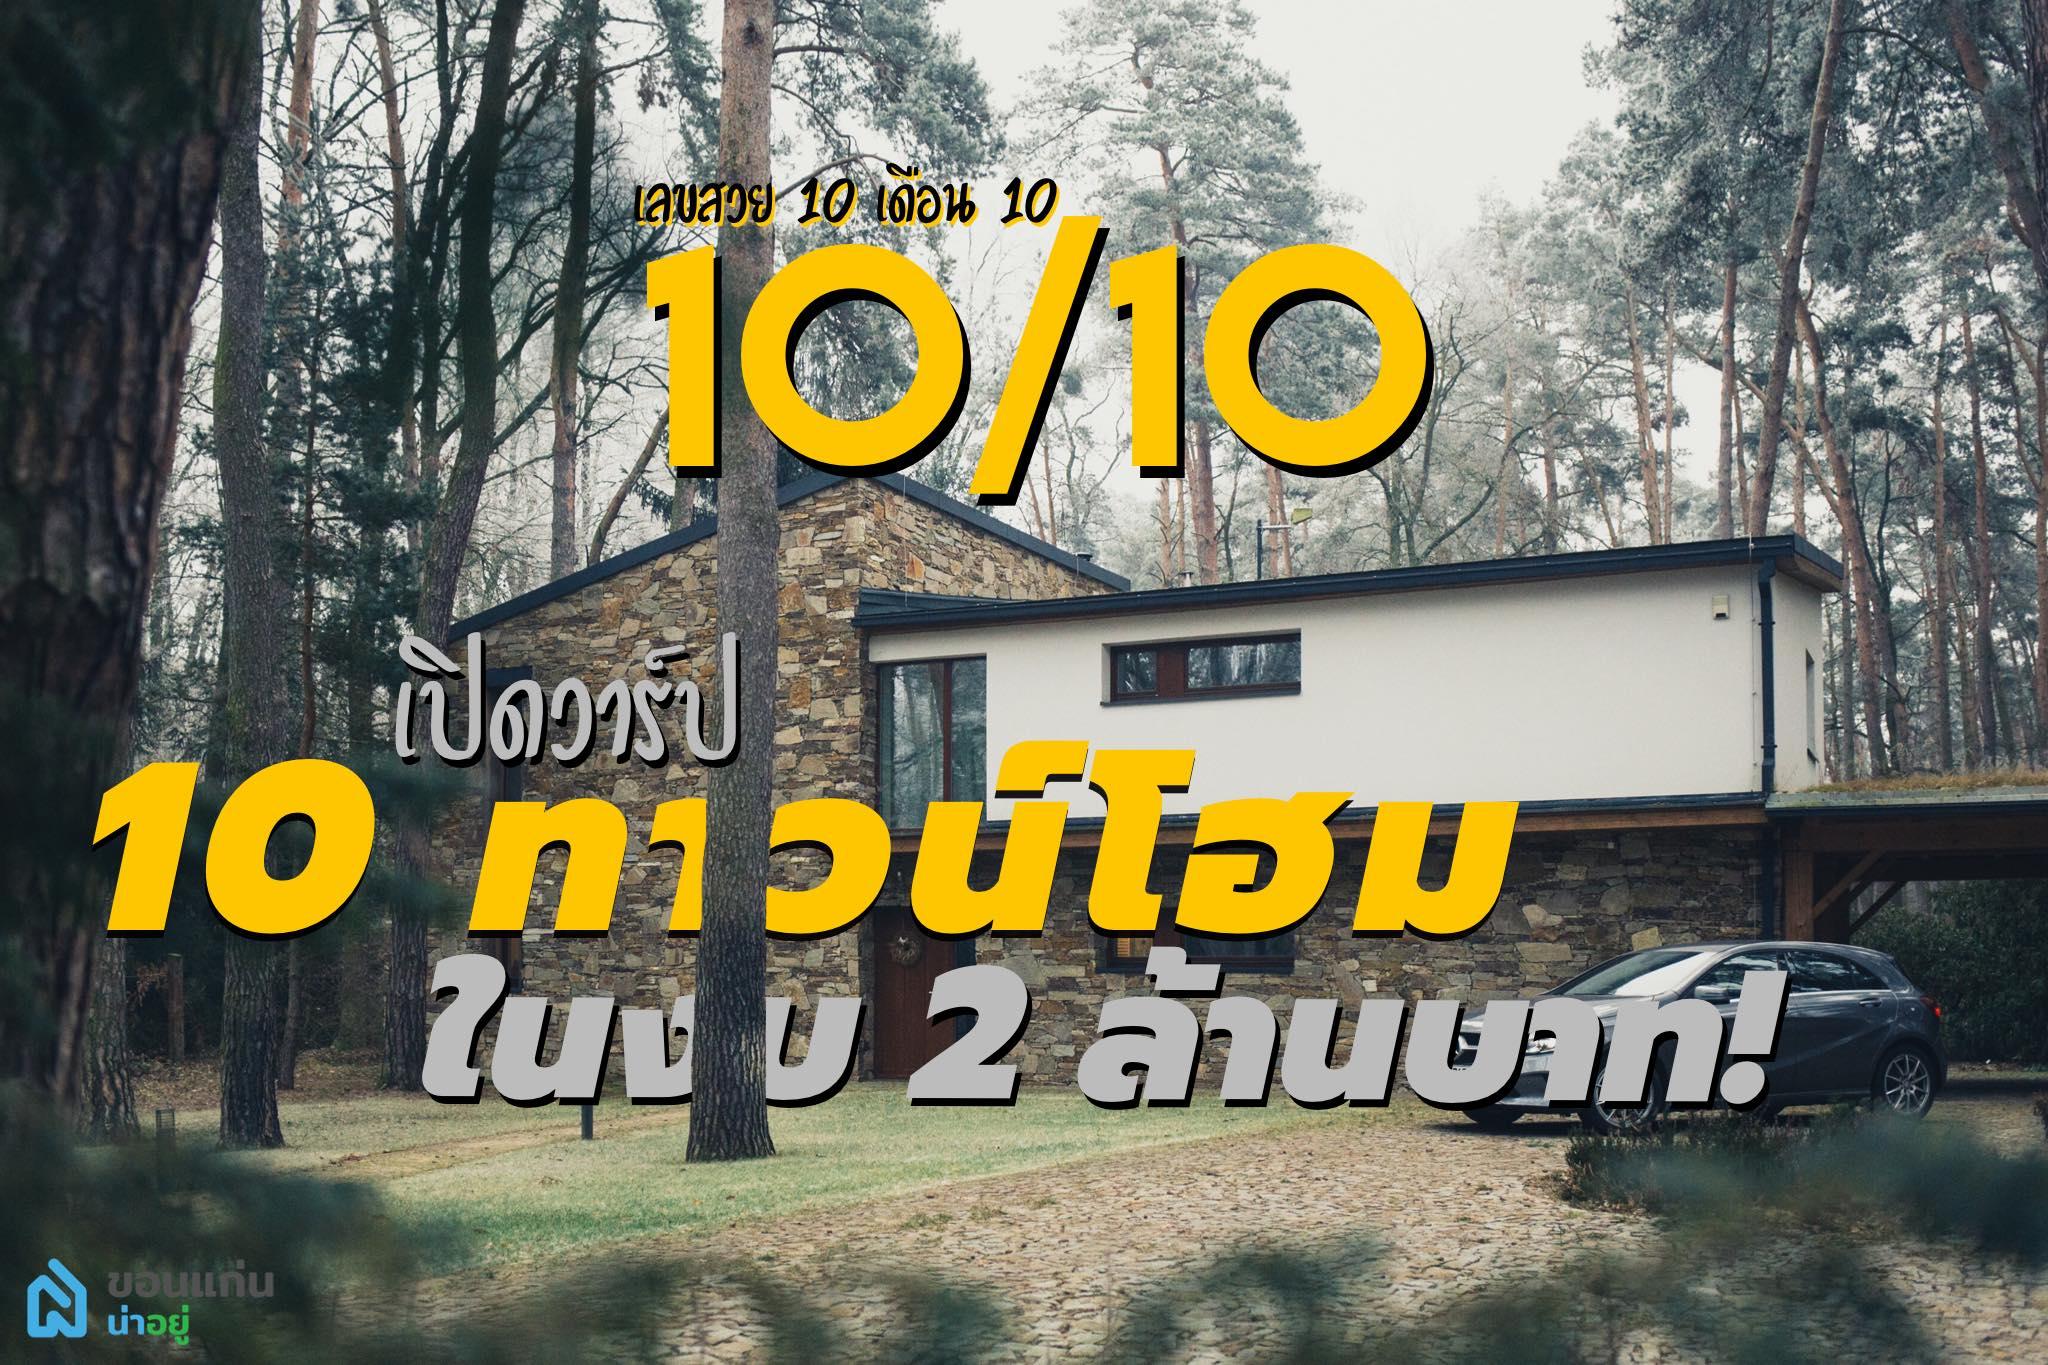 10.10 ทาวน์โฮม 10 โครงการใหม่ในขอนแก่น ราคาไม่ถึง 2 ล้านบาท!!